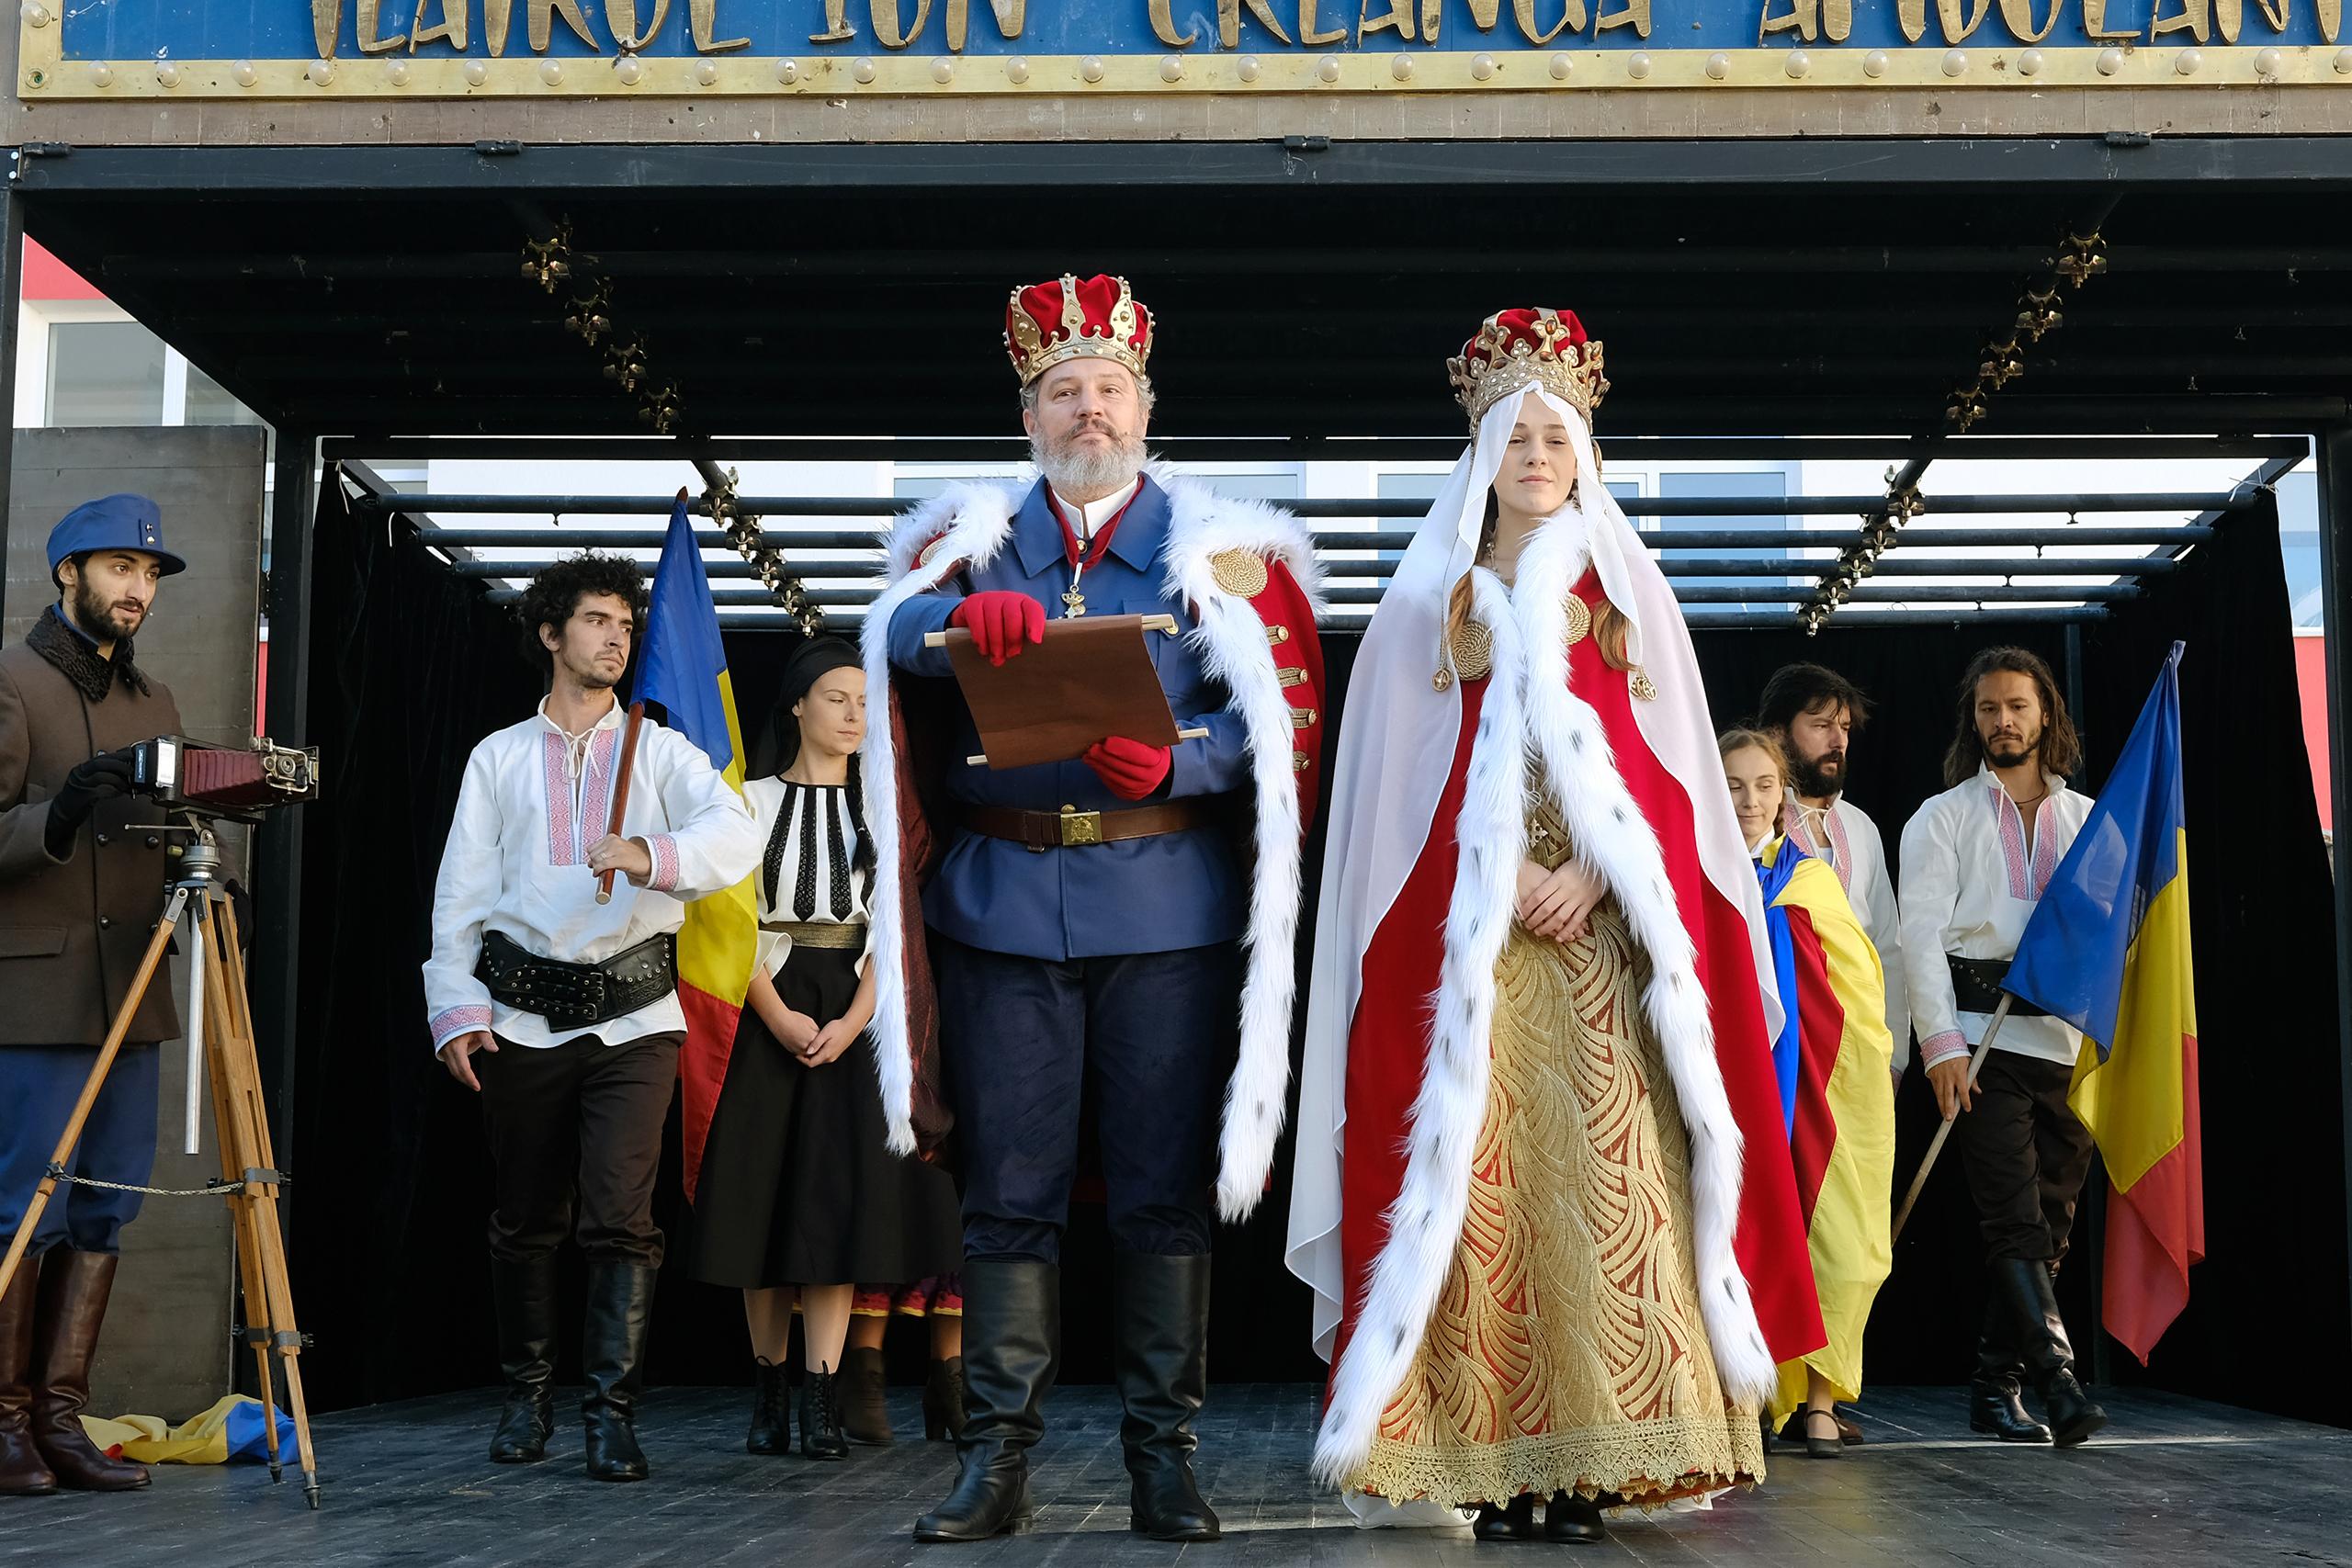 ROMANIA DODOLOATA | Ion Creanga Theatre